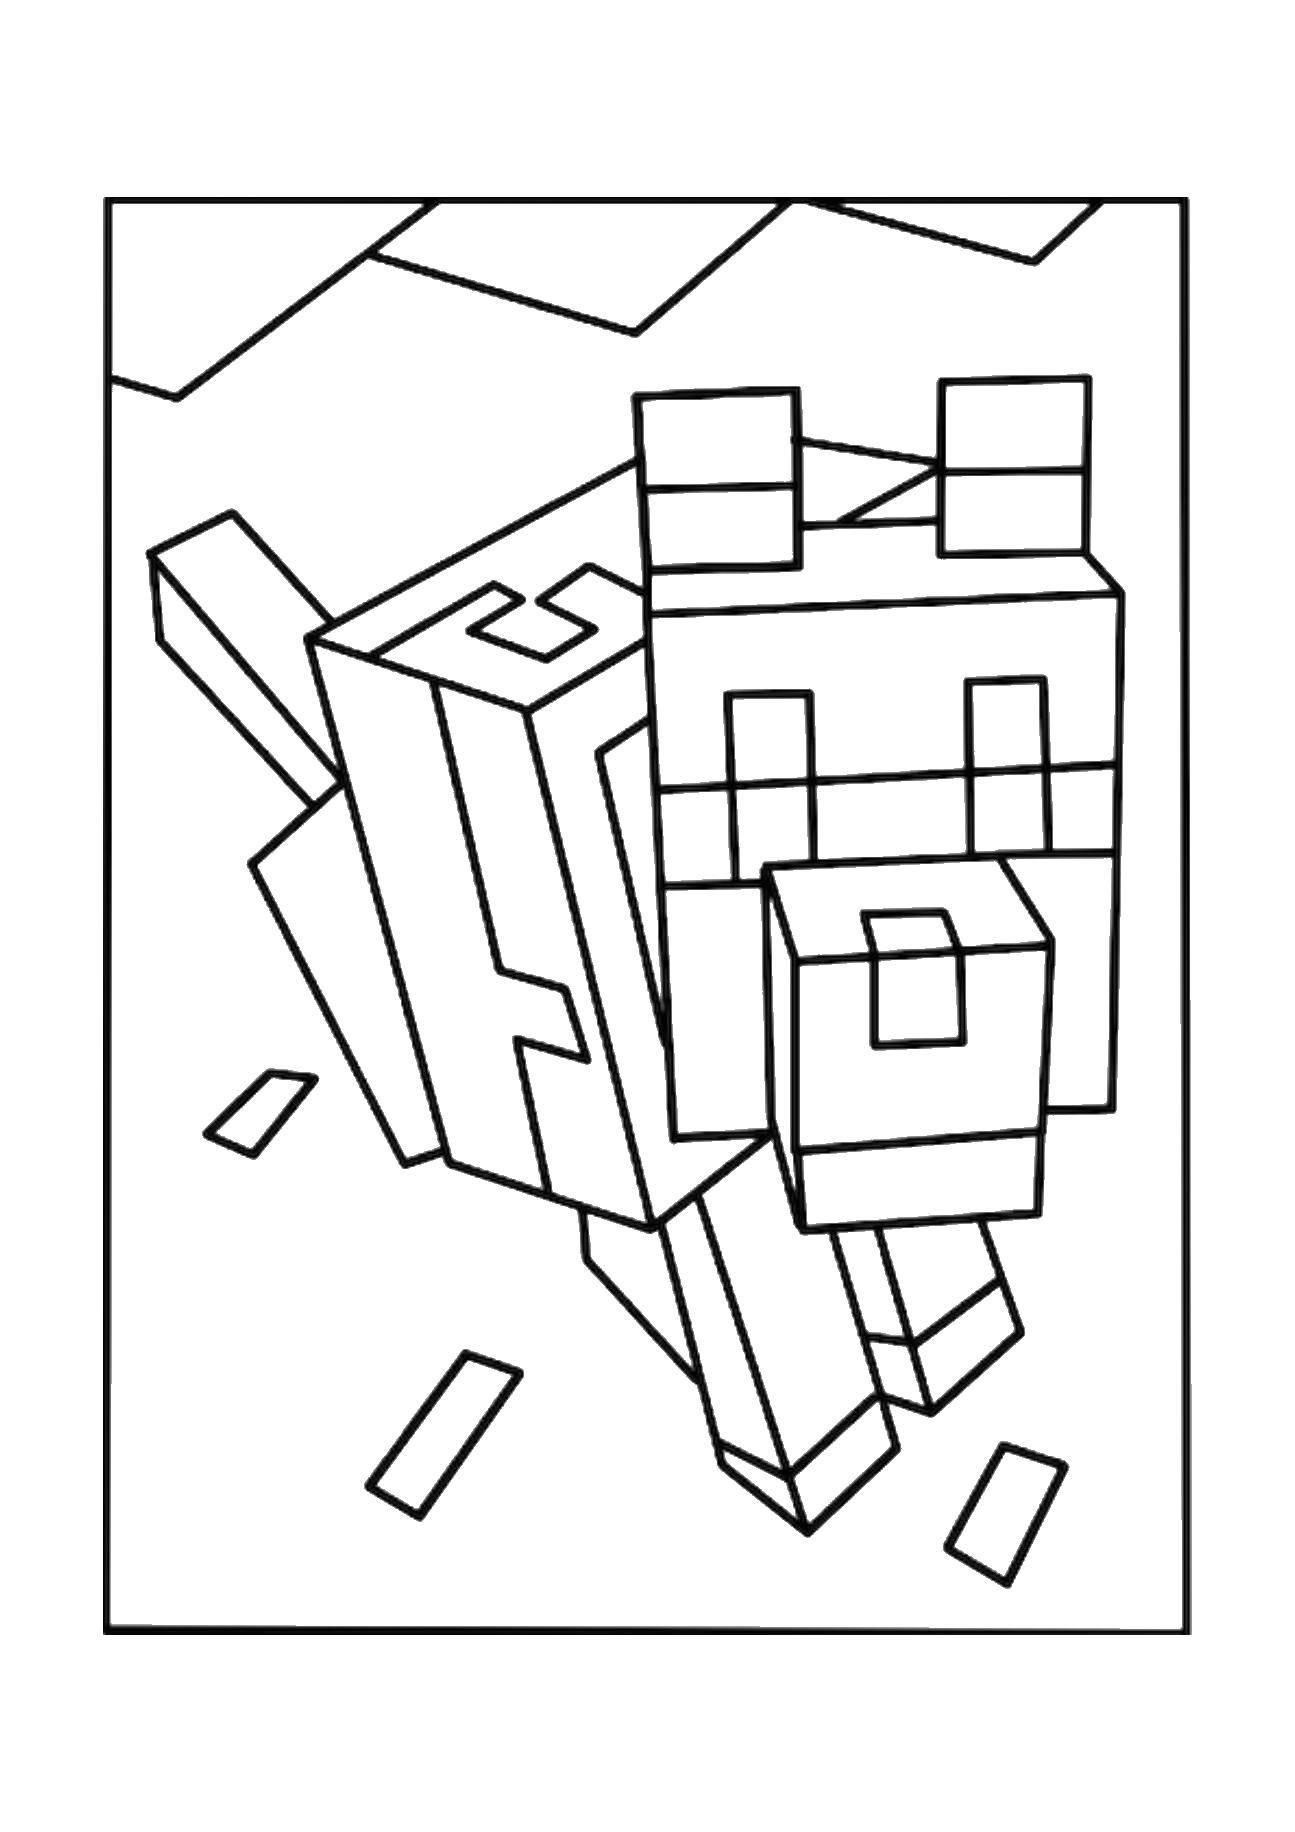 Раскраски Майнкрафт, Страница:13.